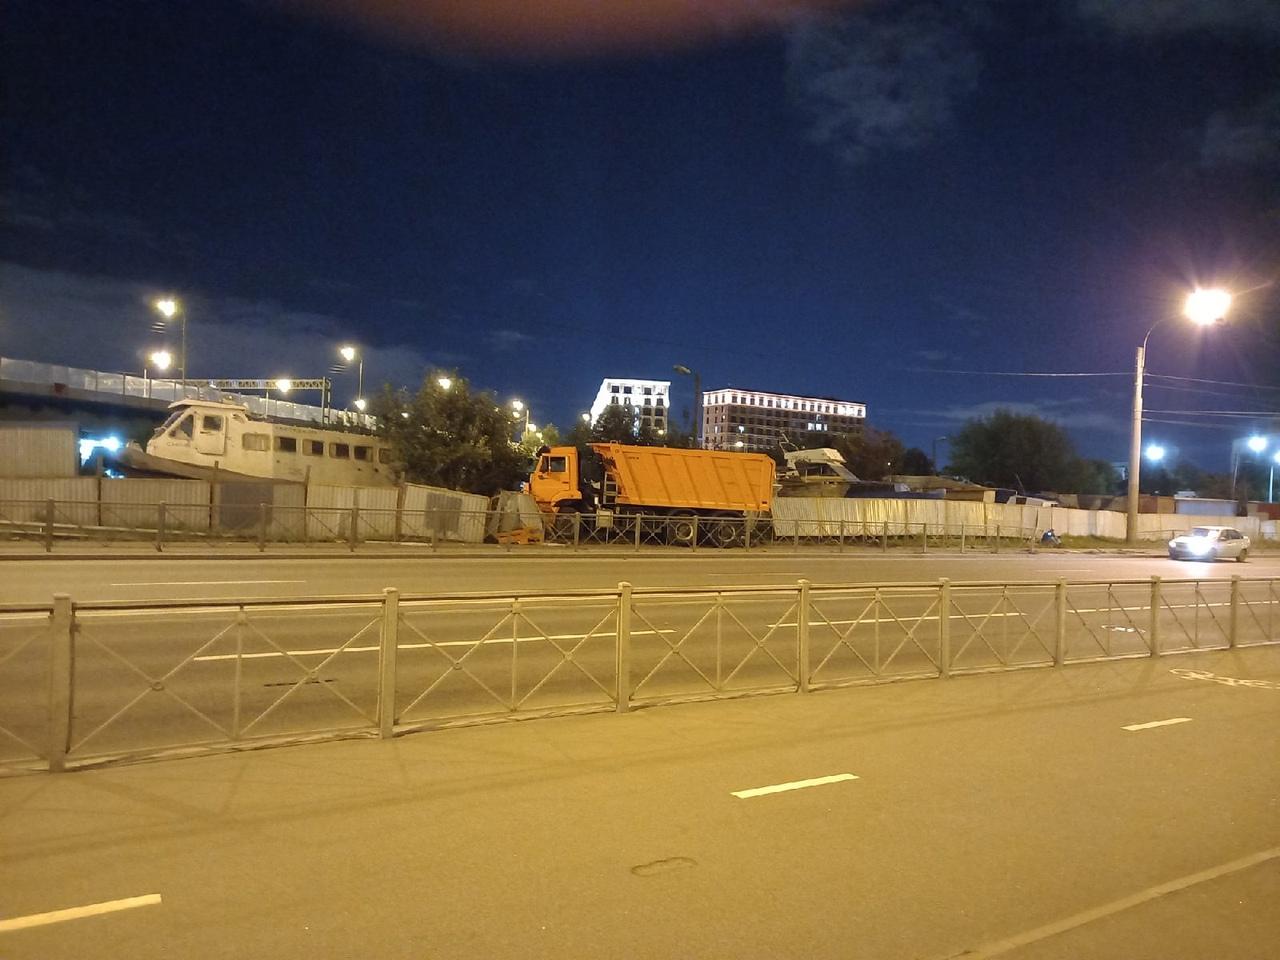 В 21:30 на Морской набережной, Камаз проводил инспекцию на стоянке катеров. Предварительно сломав дв...